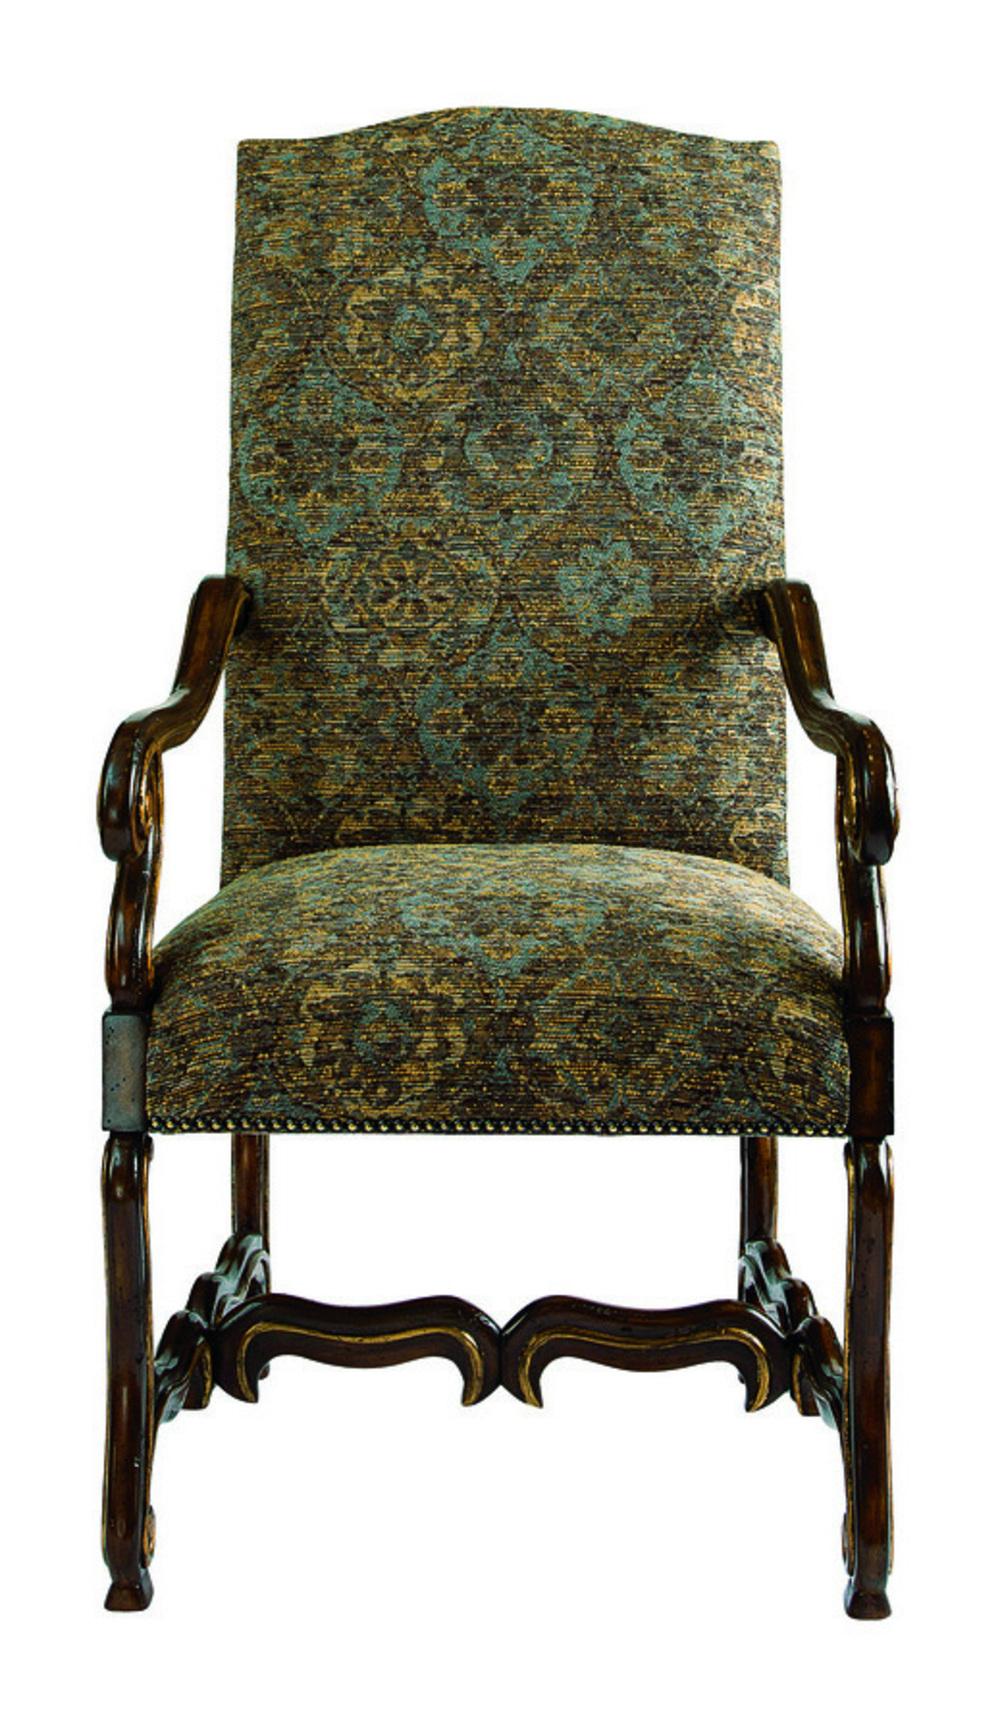 Marge Carson - San Marino Arm Chair